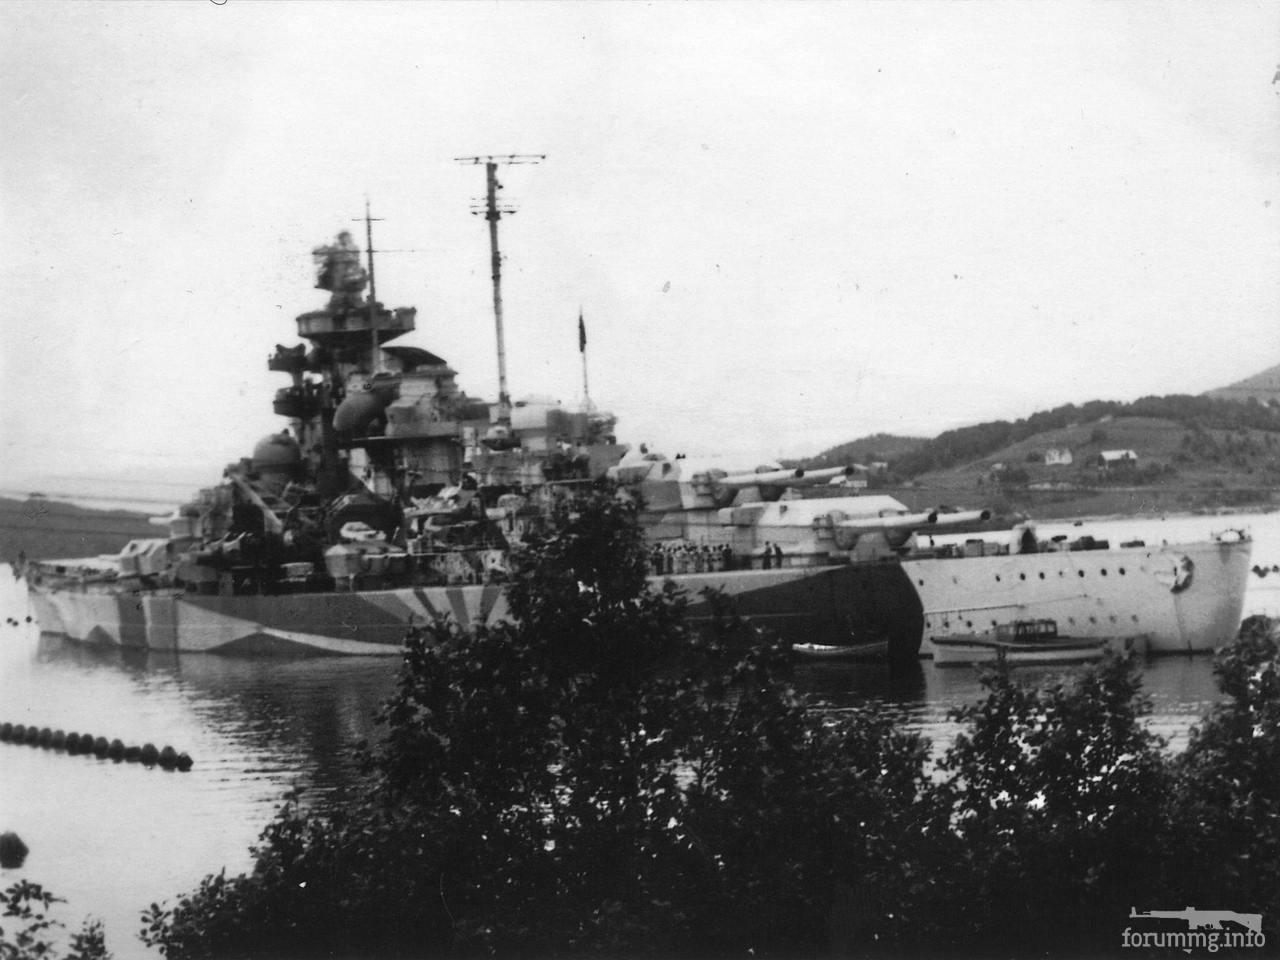 115965 - Линкор Tirpitz, 1942 г.